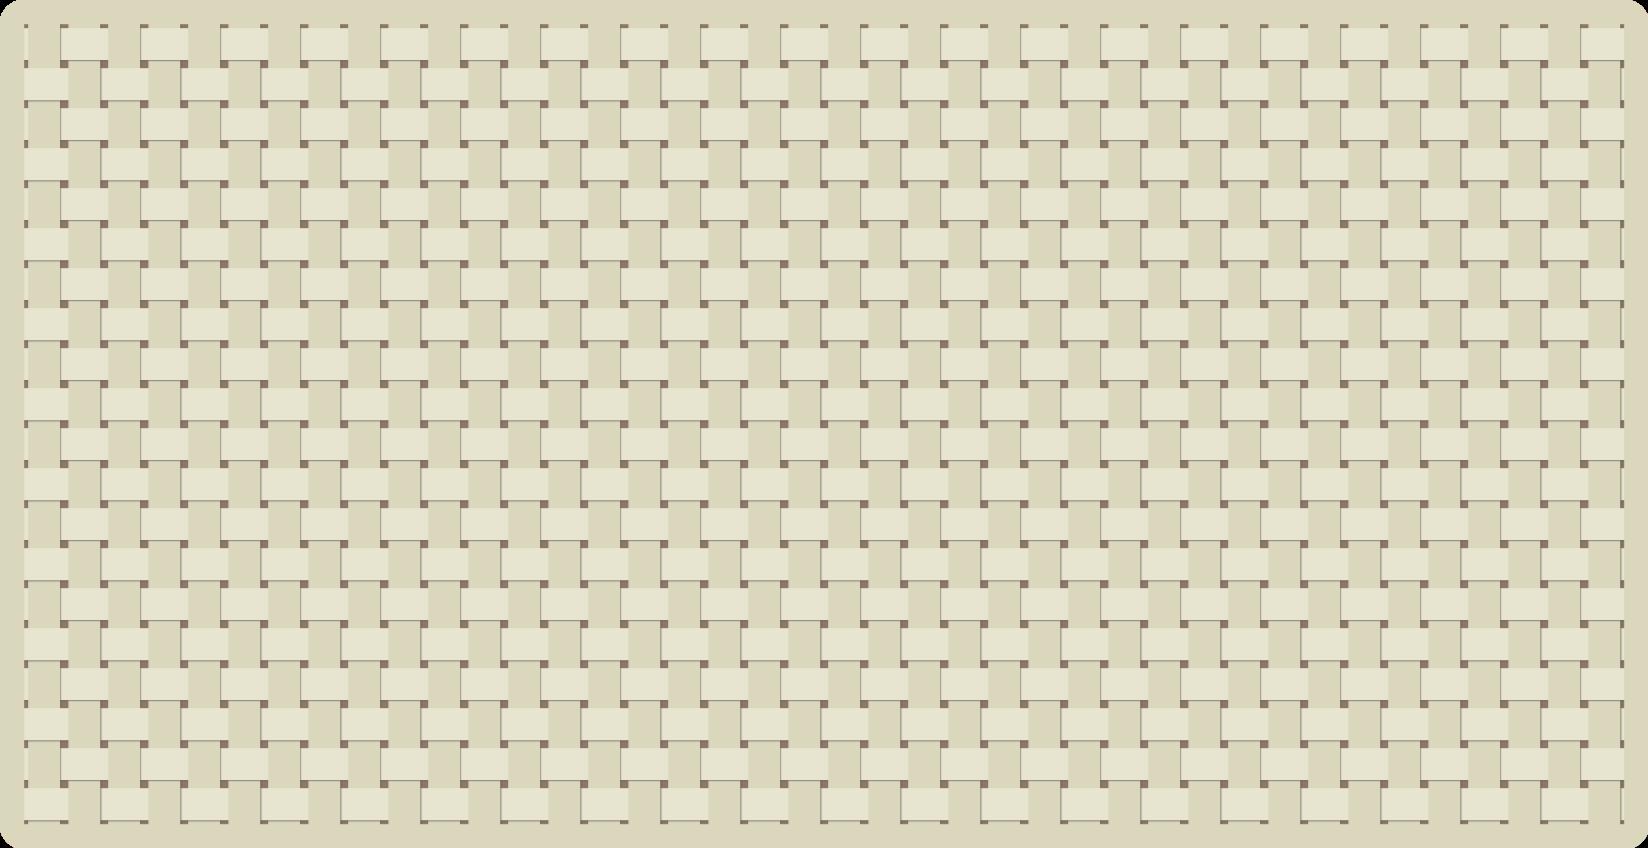 TenStickers. виниловый ковер текстура бамбука под дерево виниловый пол. остановитесь на секунду и внимательно посмотрите на этот удивительный виниловый пол с текстурой! этот элегантный дизайн легко чистится.